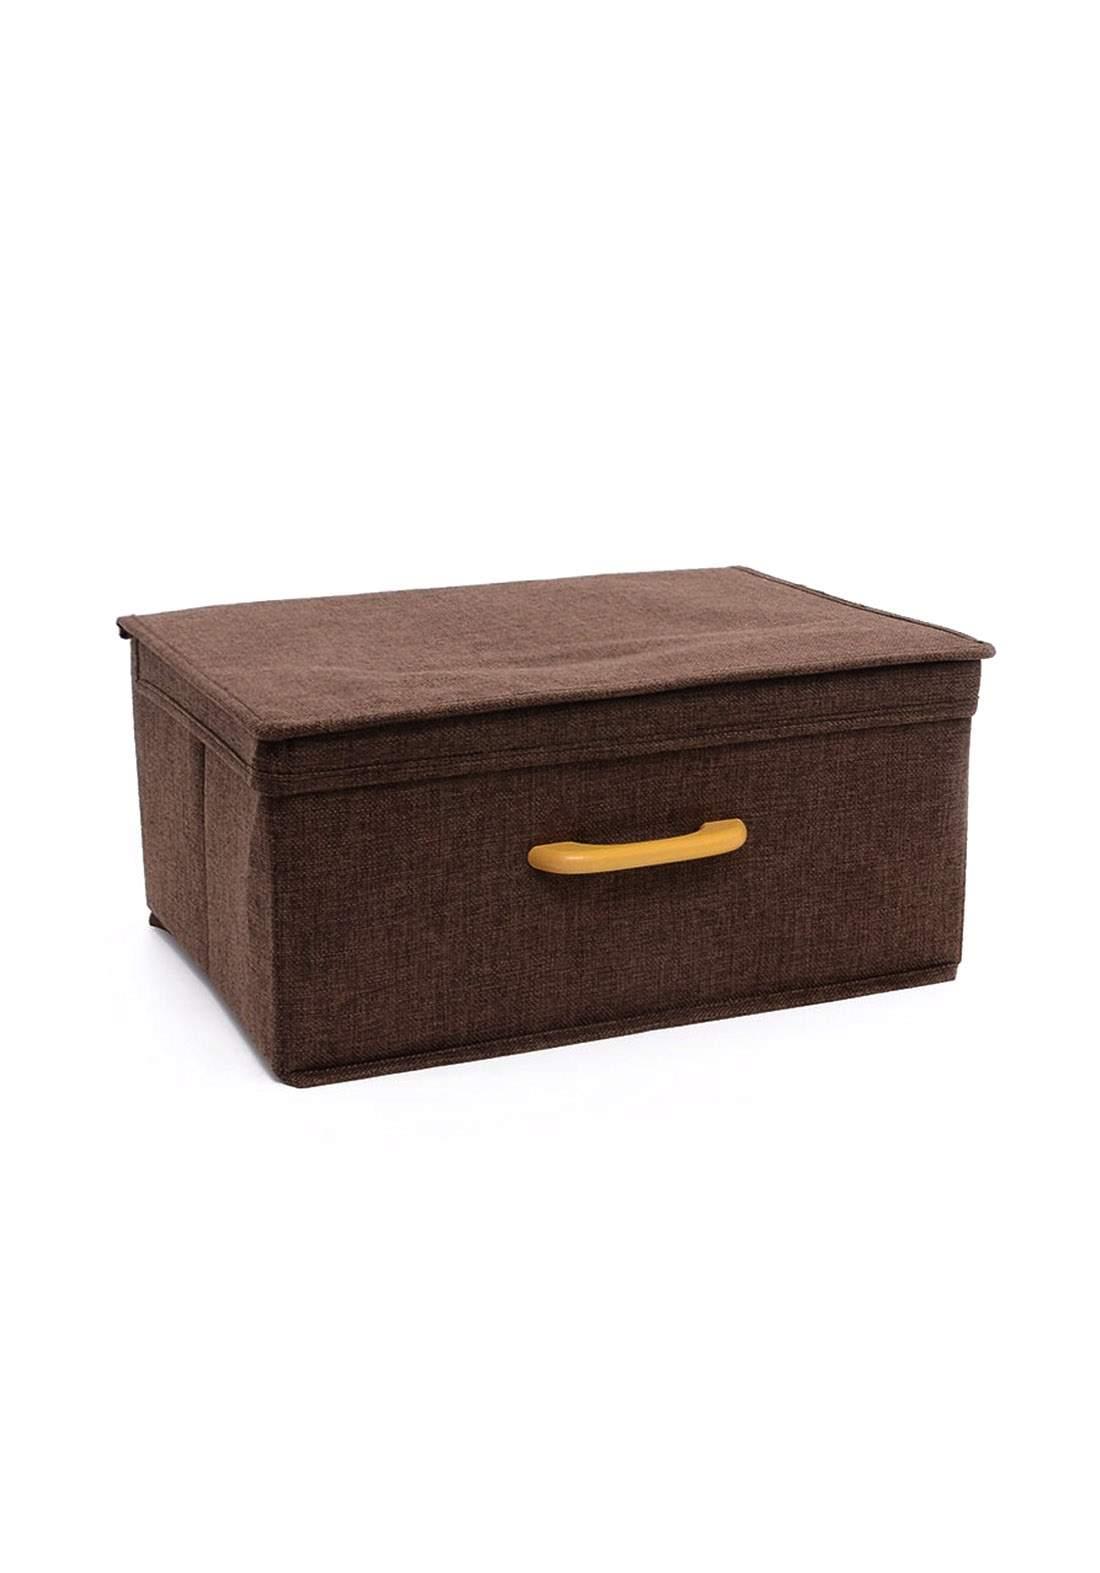 صندوق مستطيل تخزين قابل للطي مع غطاء